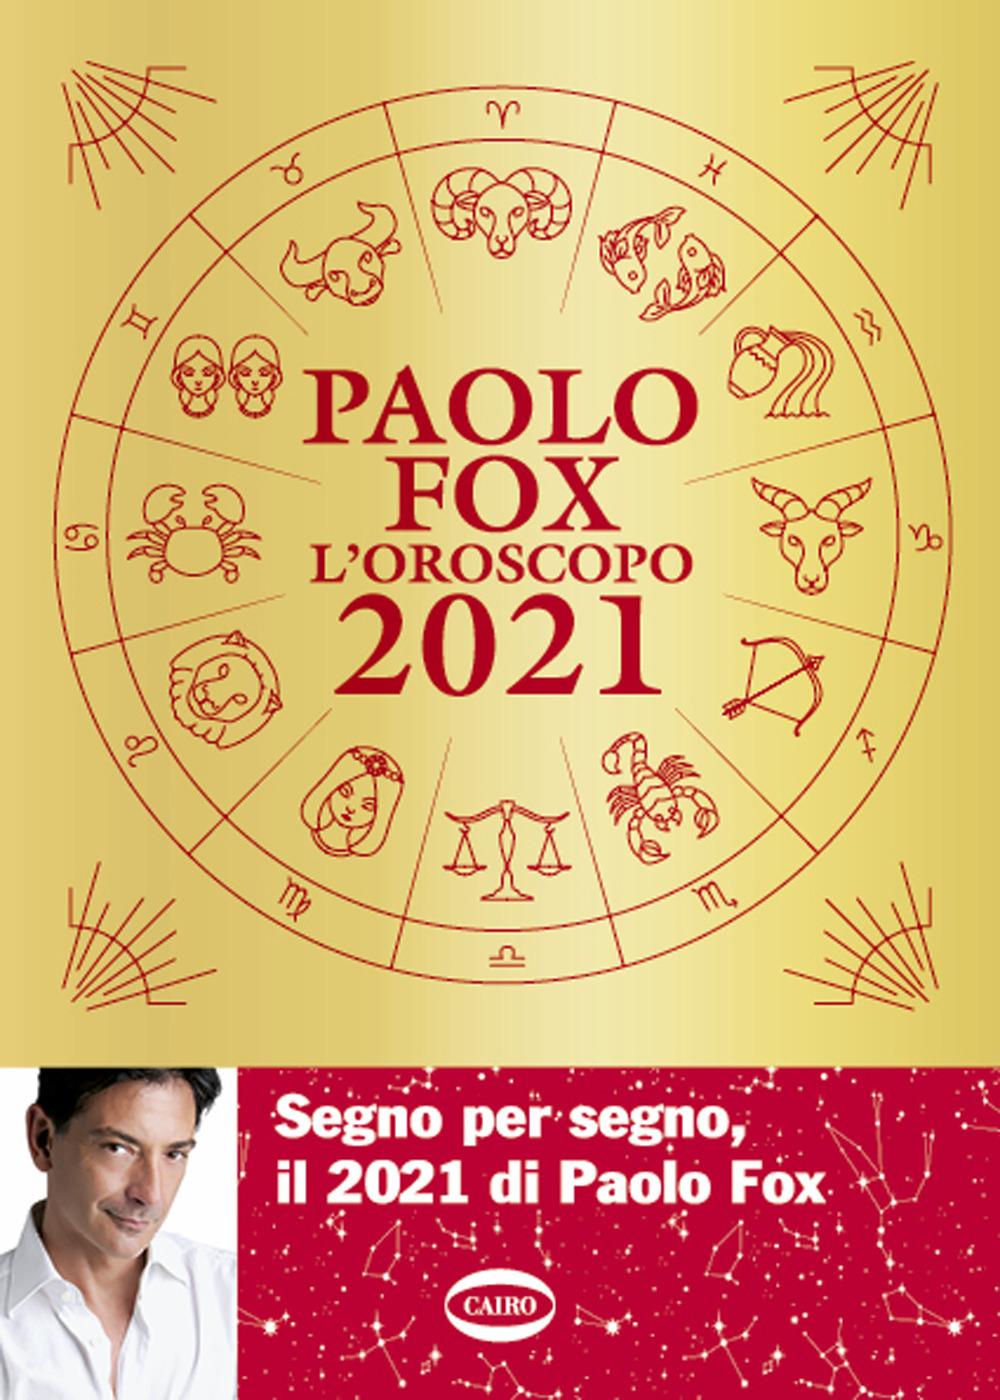 PAOLO FOX - L' OROSCOPO 2021